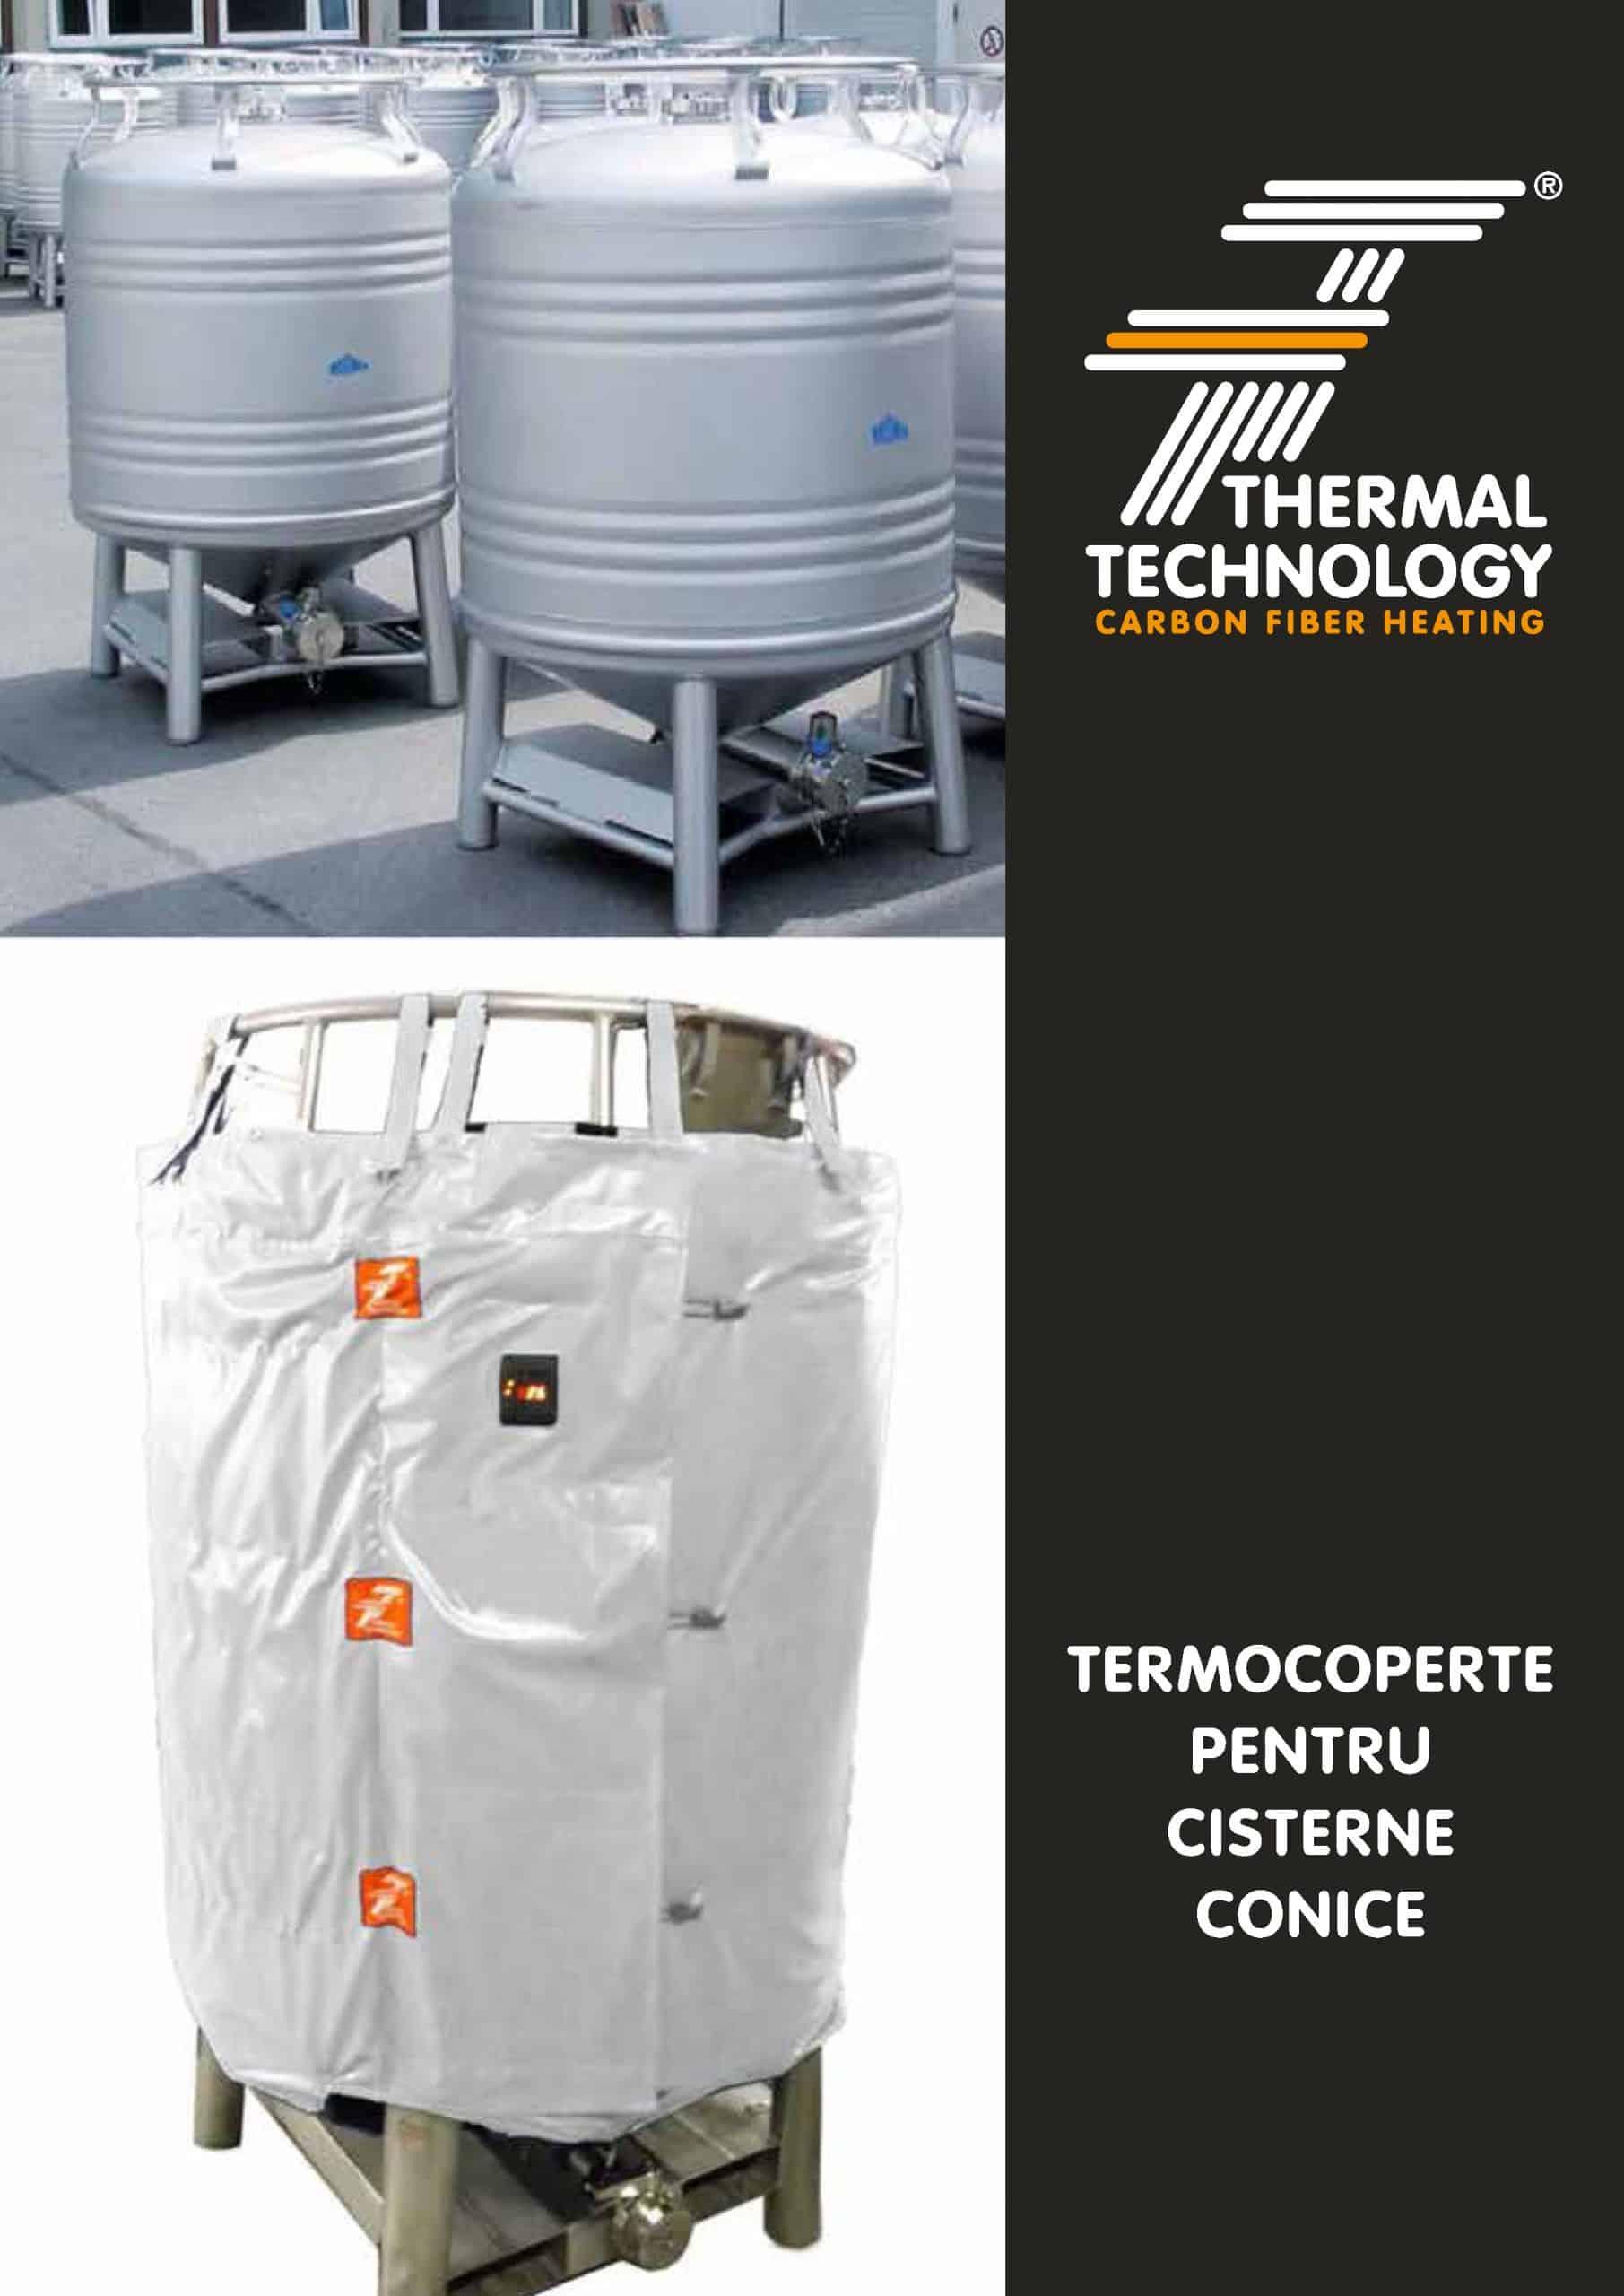 Termocoperte pentru cisterne conice